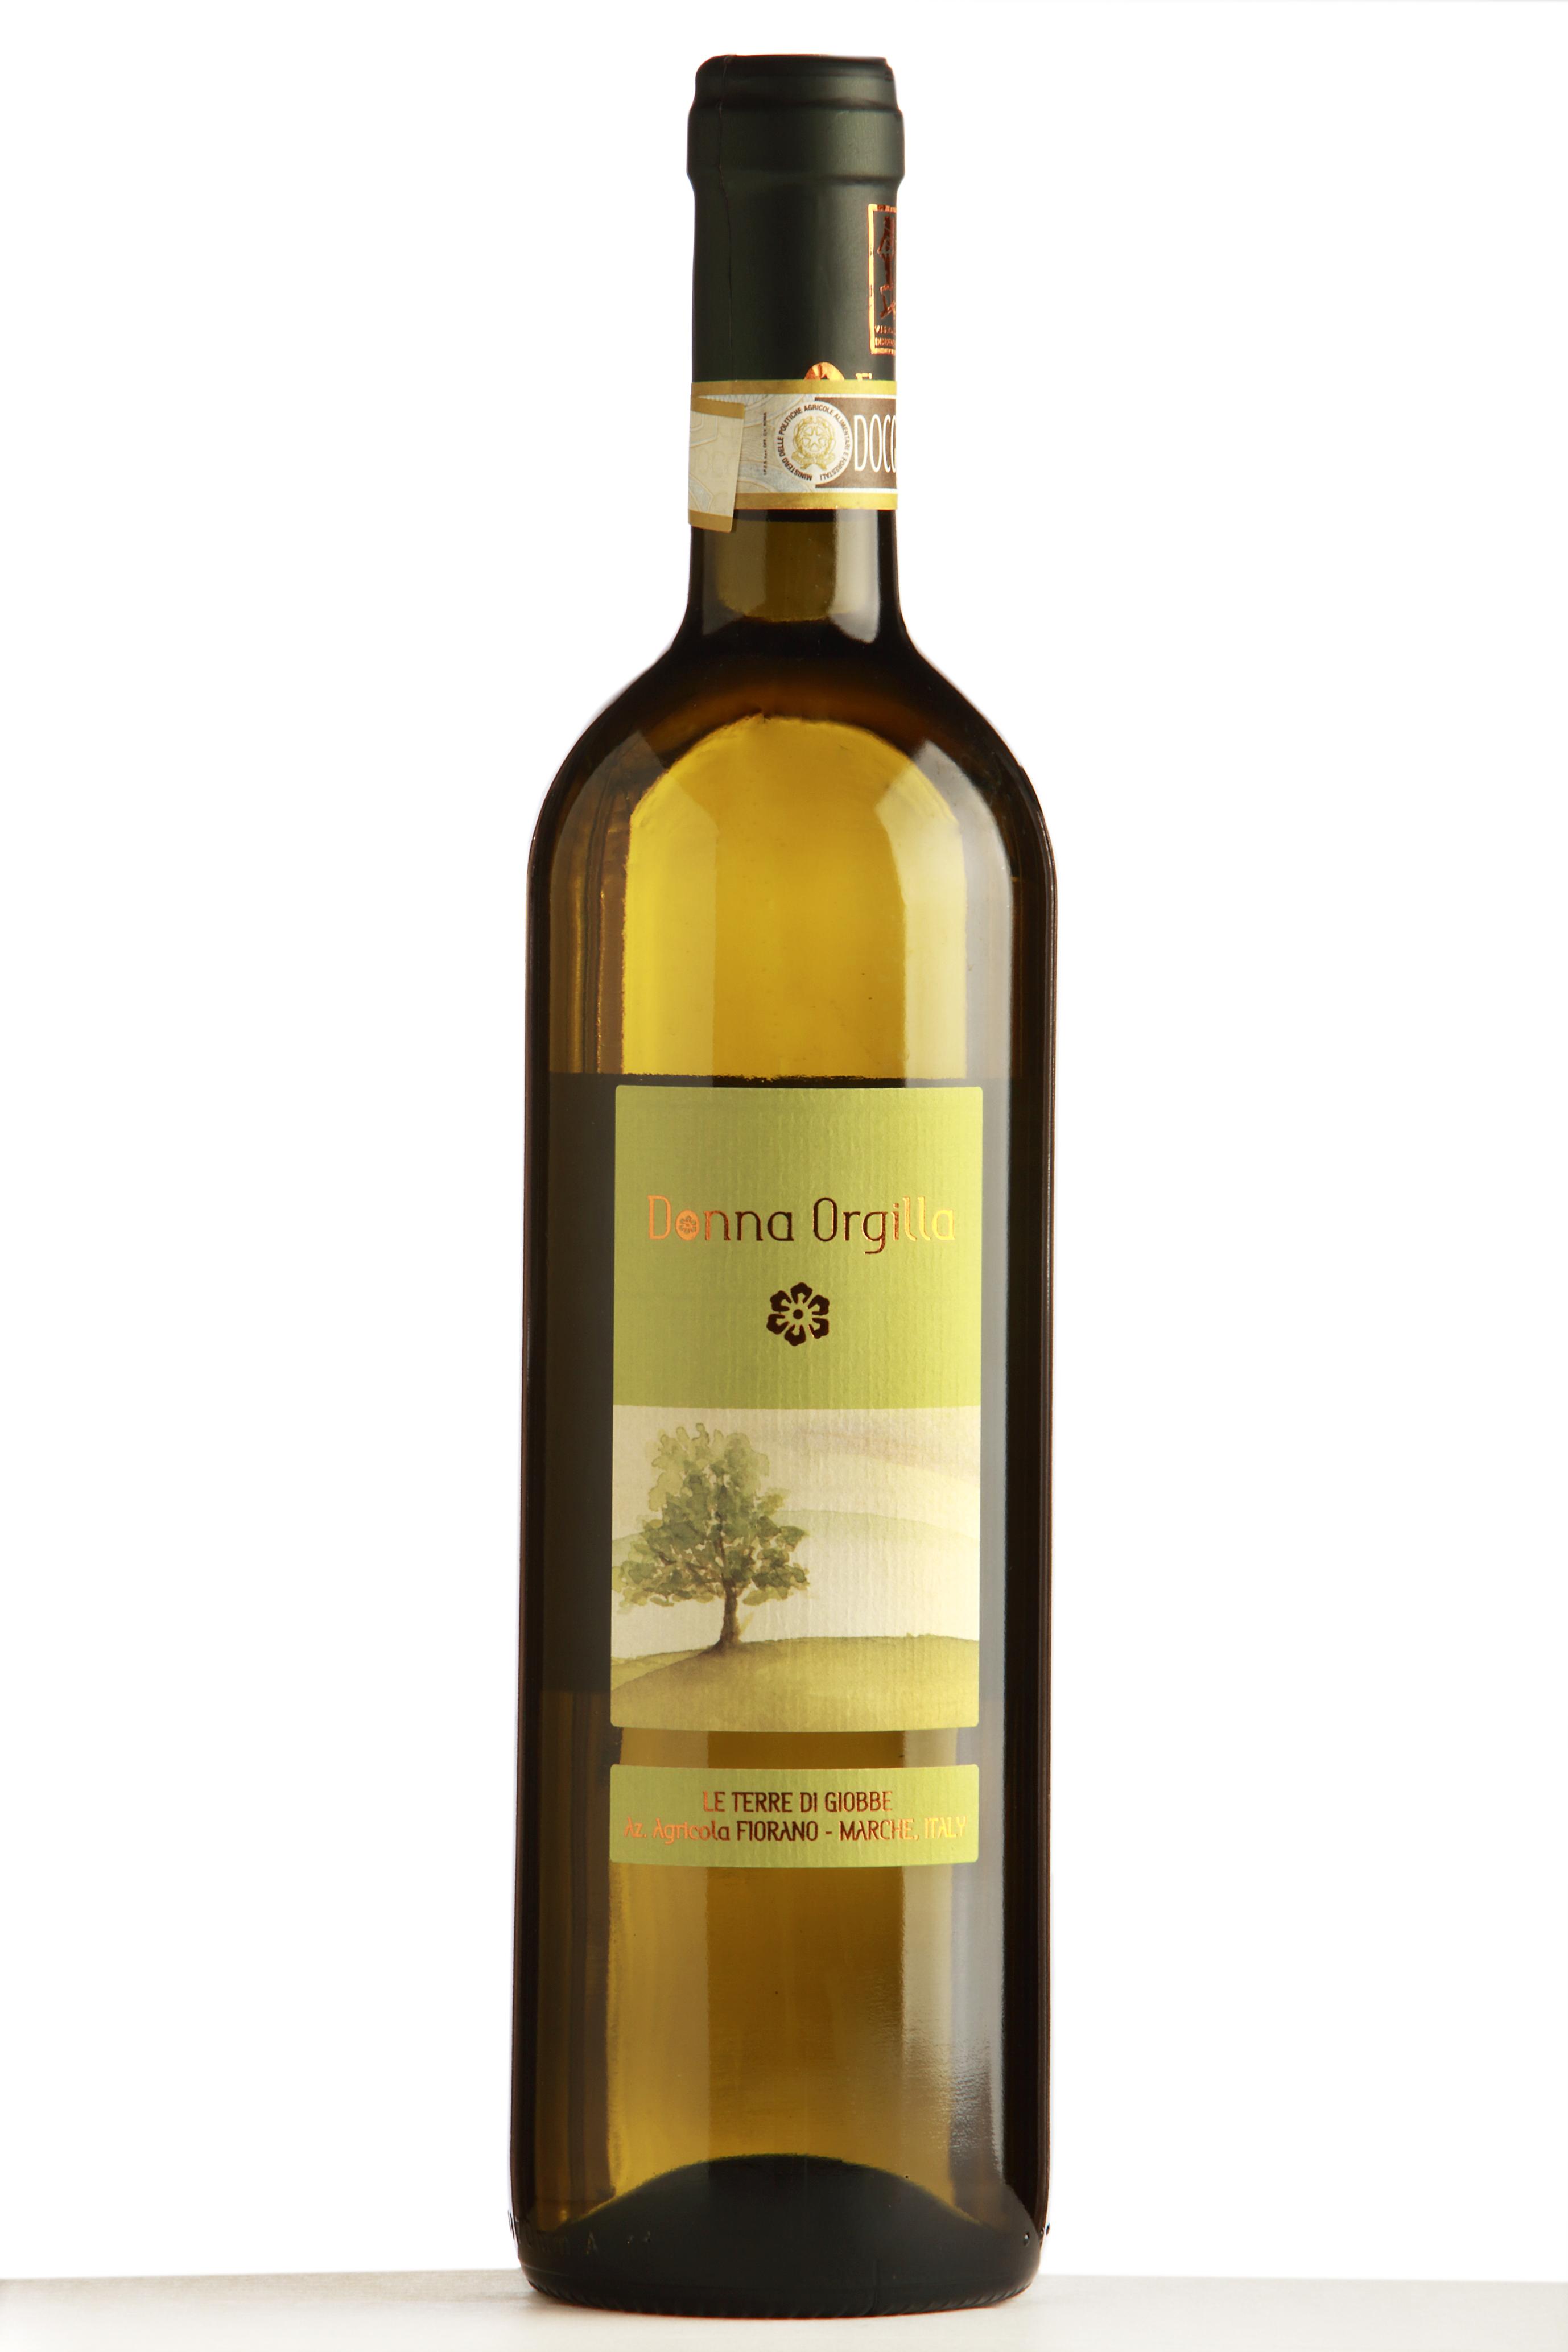 Pecorino Fiorano Organic Wine